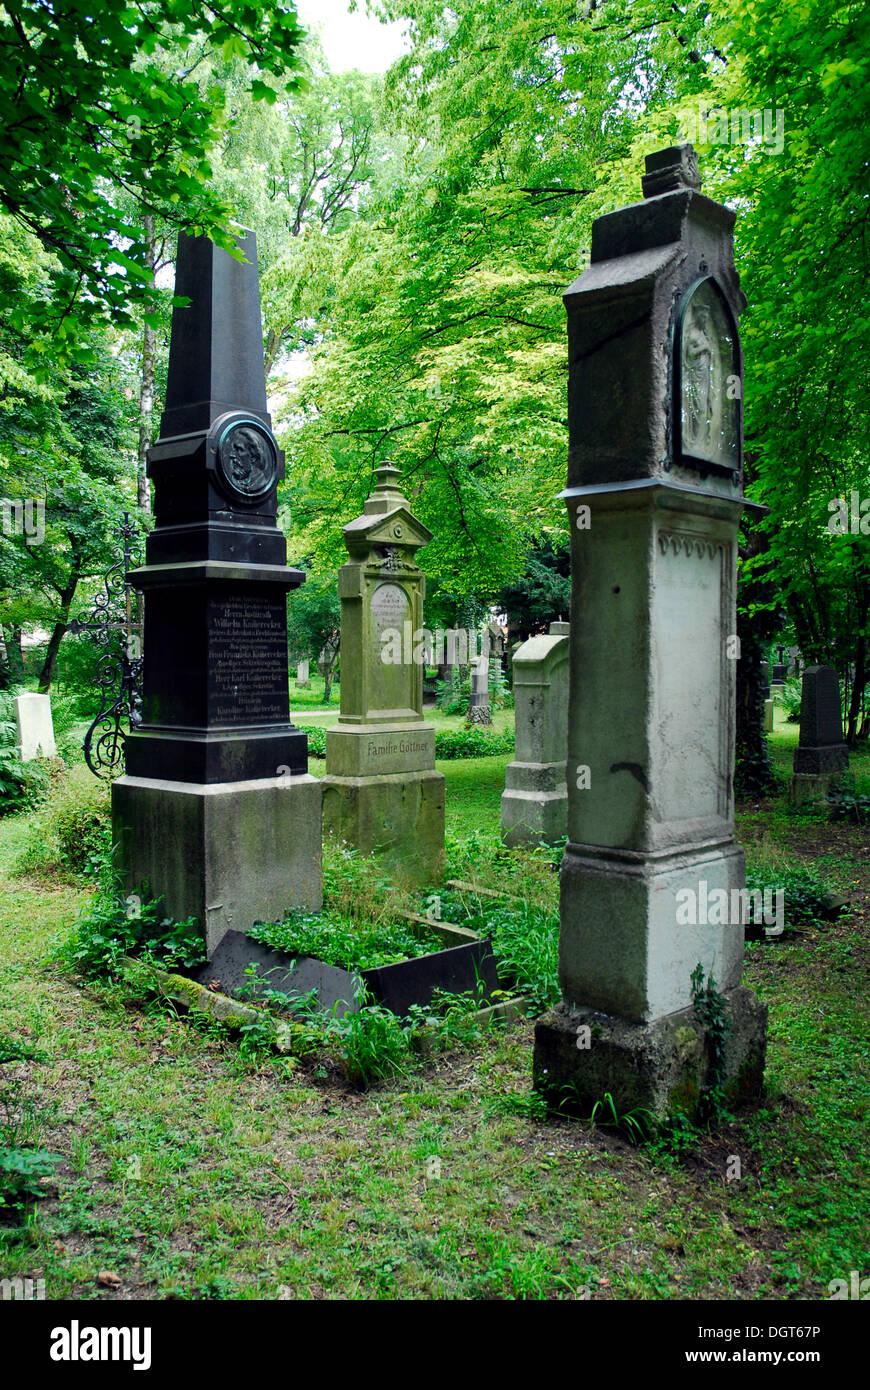 Graves, tombstones, Alter Suedlicher Friedhof cemetery, Munich, Upper Bavaria, Bavaria - Stock Image